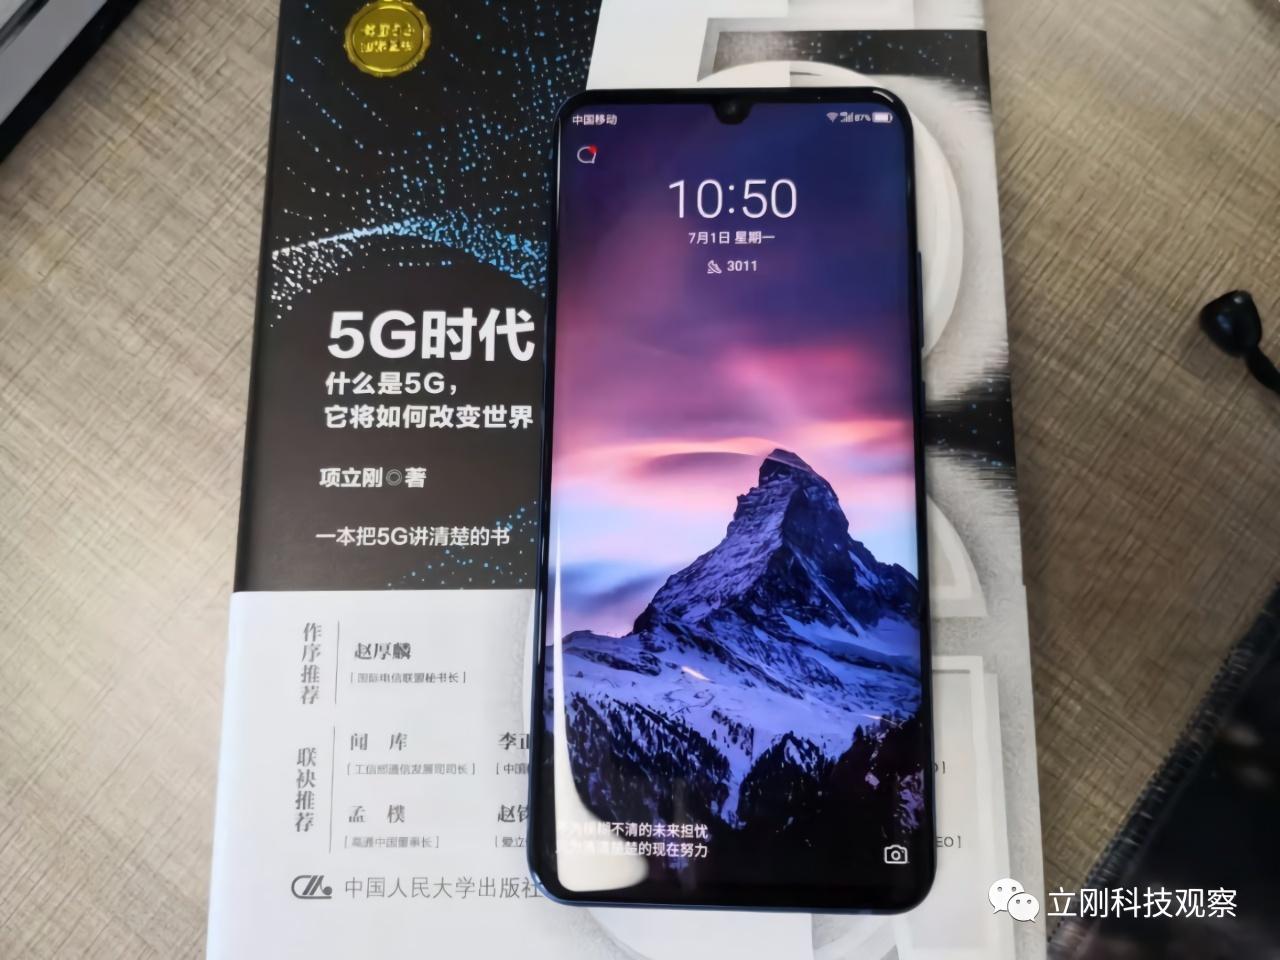 [实测]北京的5G用起来到底怎么样? 热点资讯 第1张